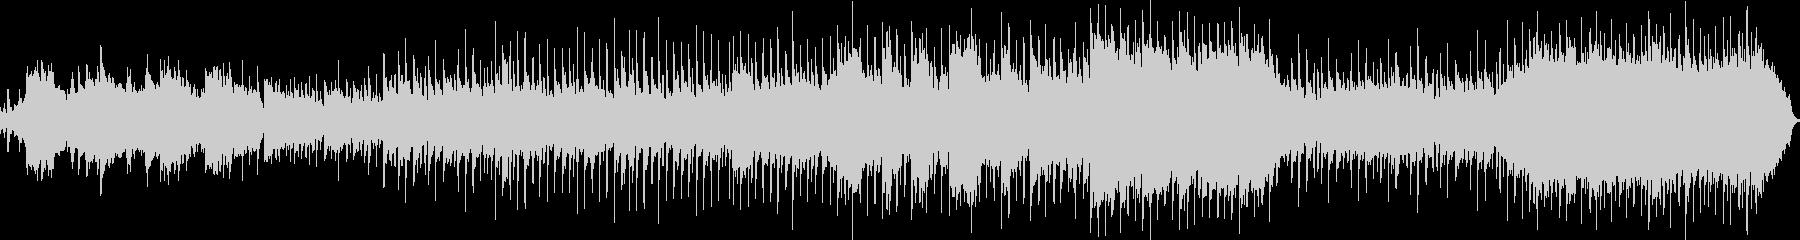 スロー。ピアノバー。の未再生の波形